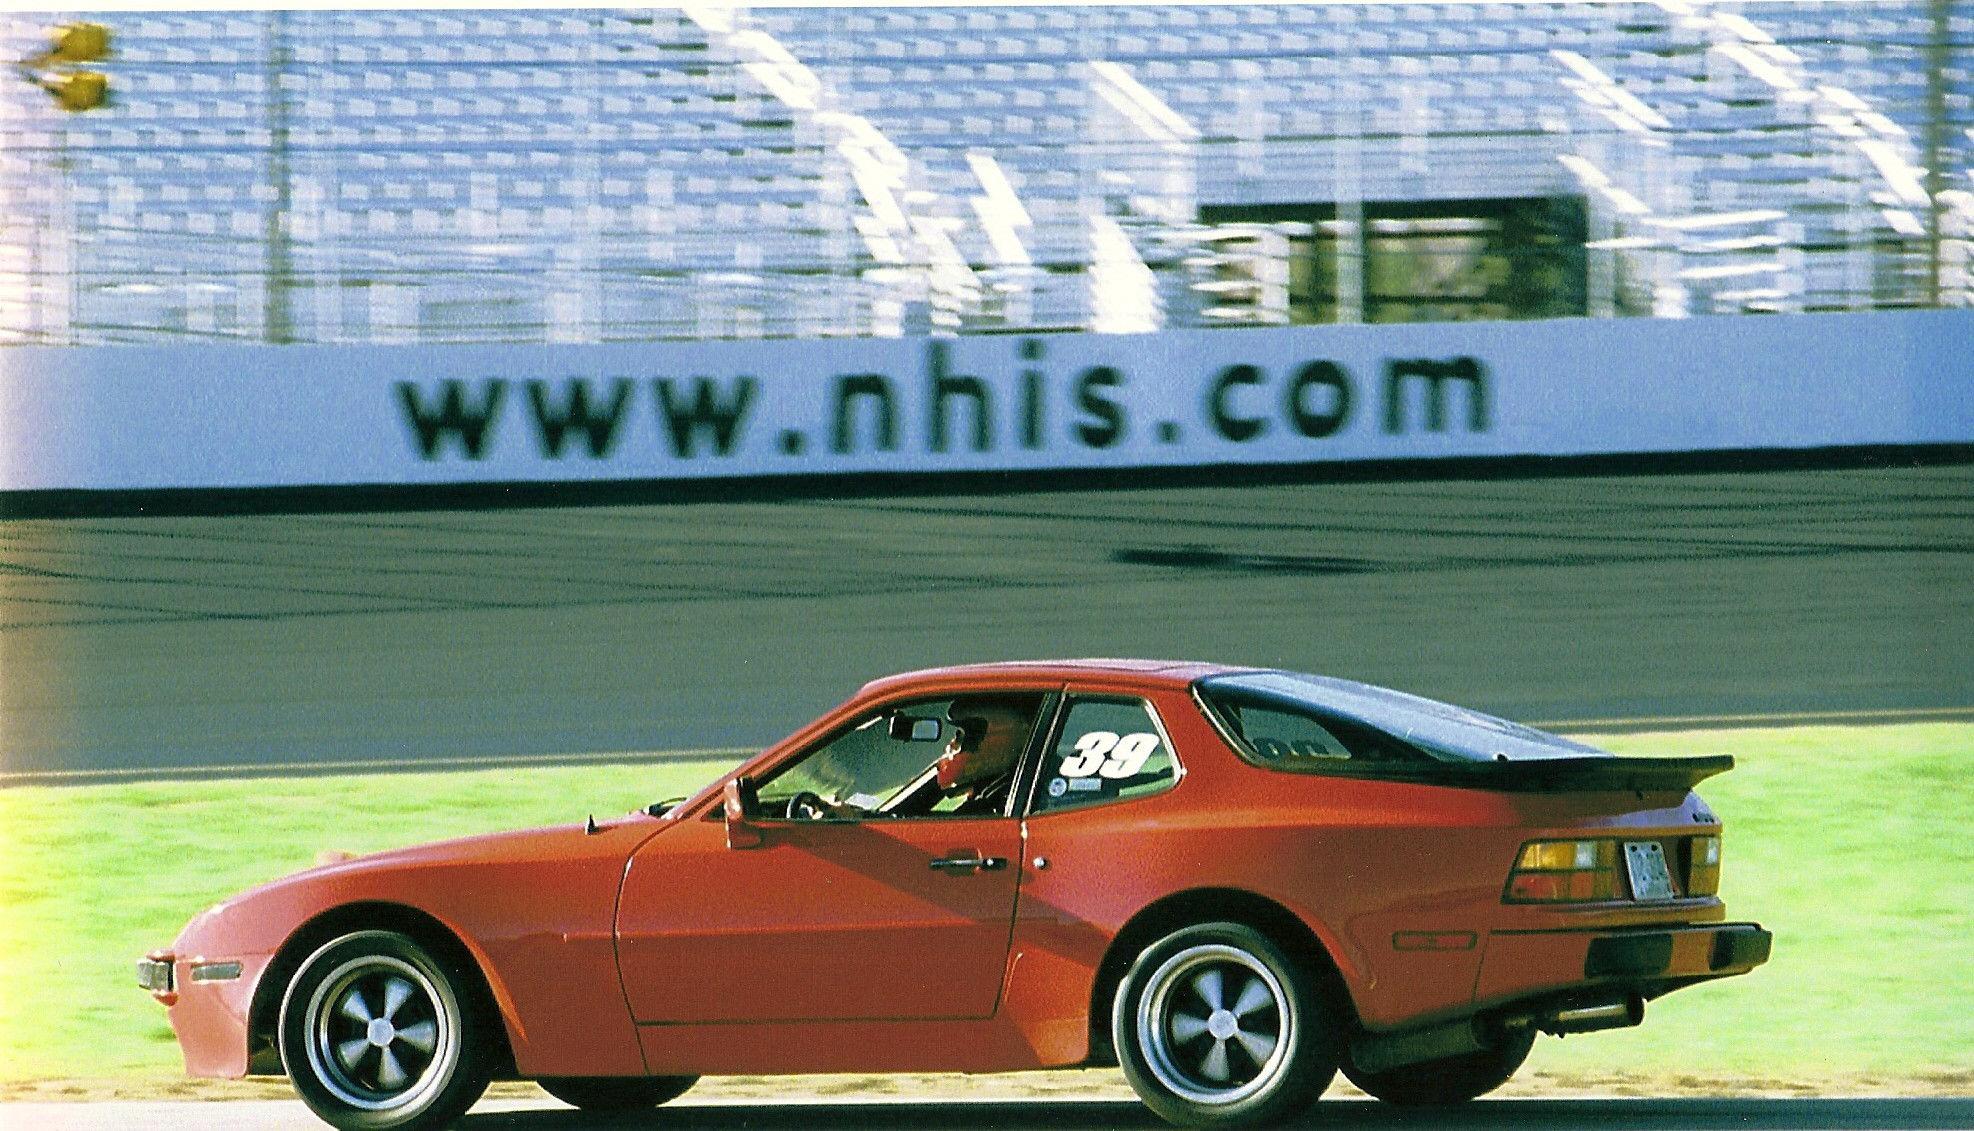 Porsche Baton Rouge >> Lets see YOUR RACE CAR - Rennlist - Porsche Discussion Forums